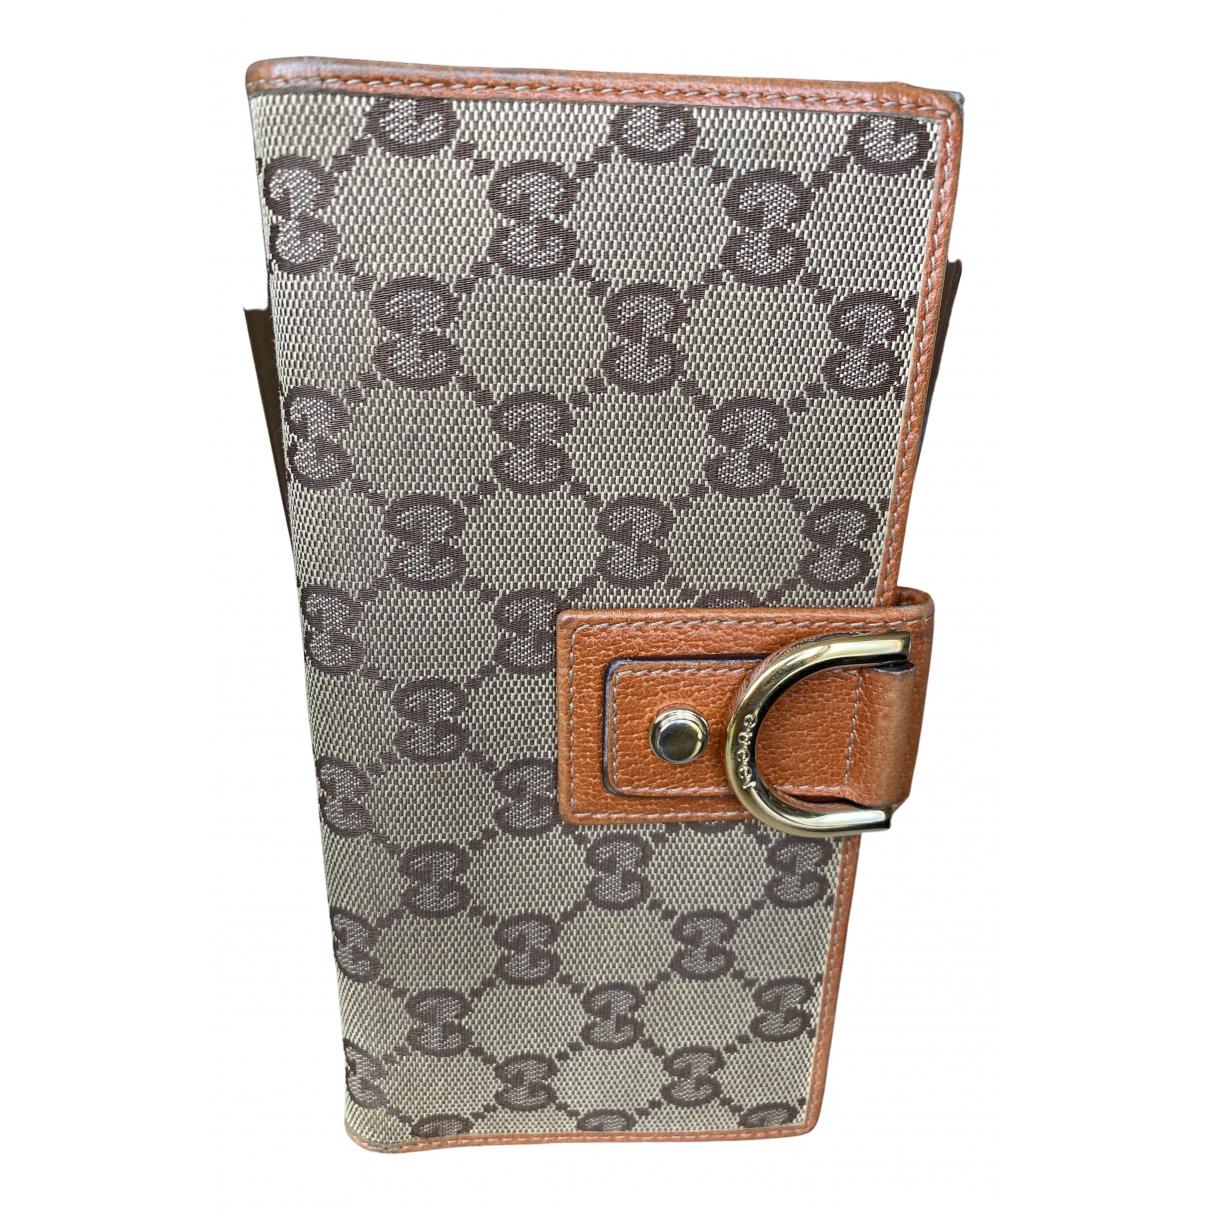 Gucci \N Portemonnaie in  Braun Leinen